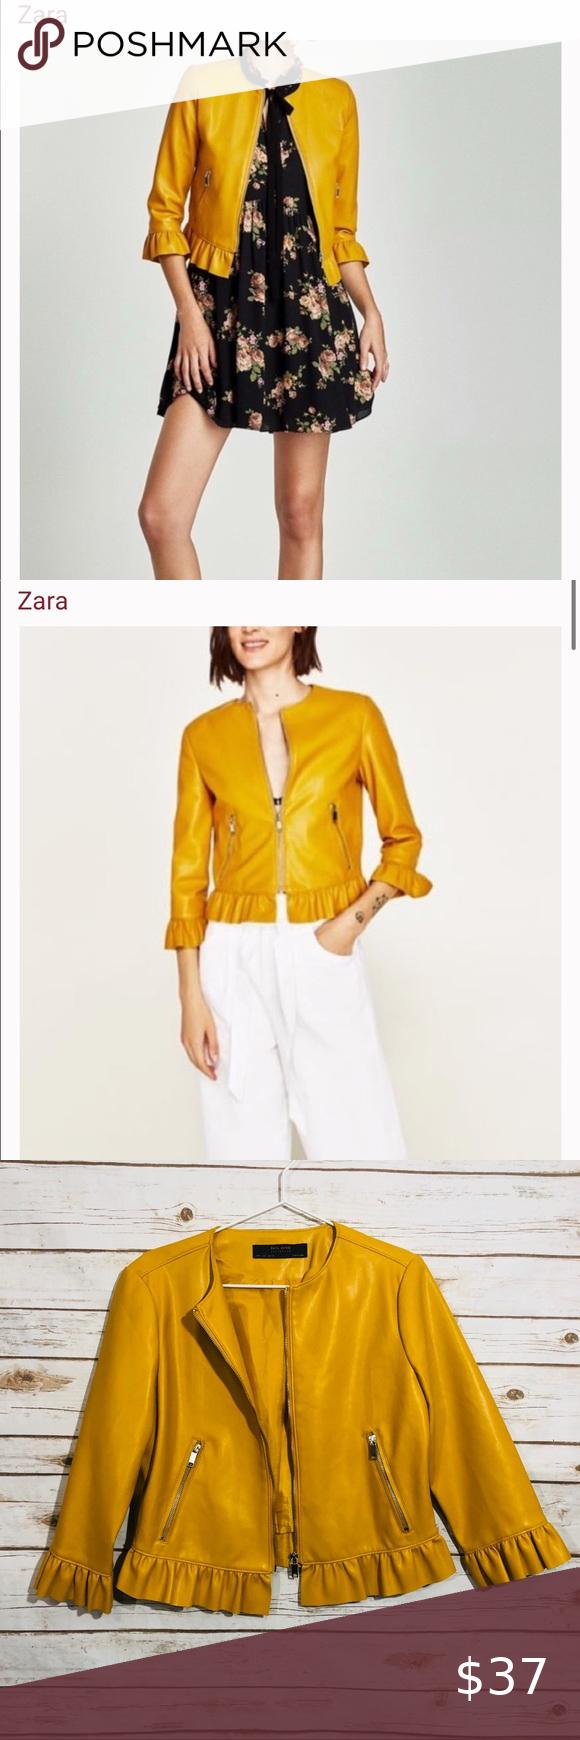 Faux Leather Zara Yellow Jacket in 2020 Zara, Zara basic